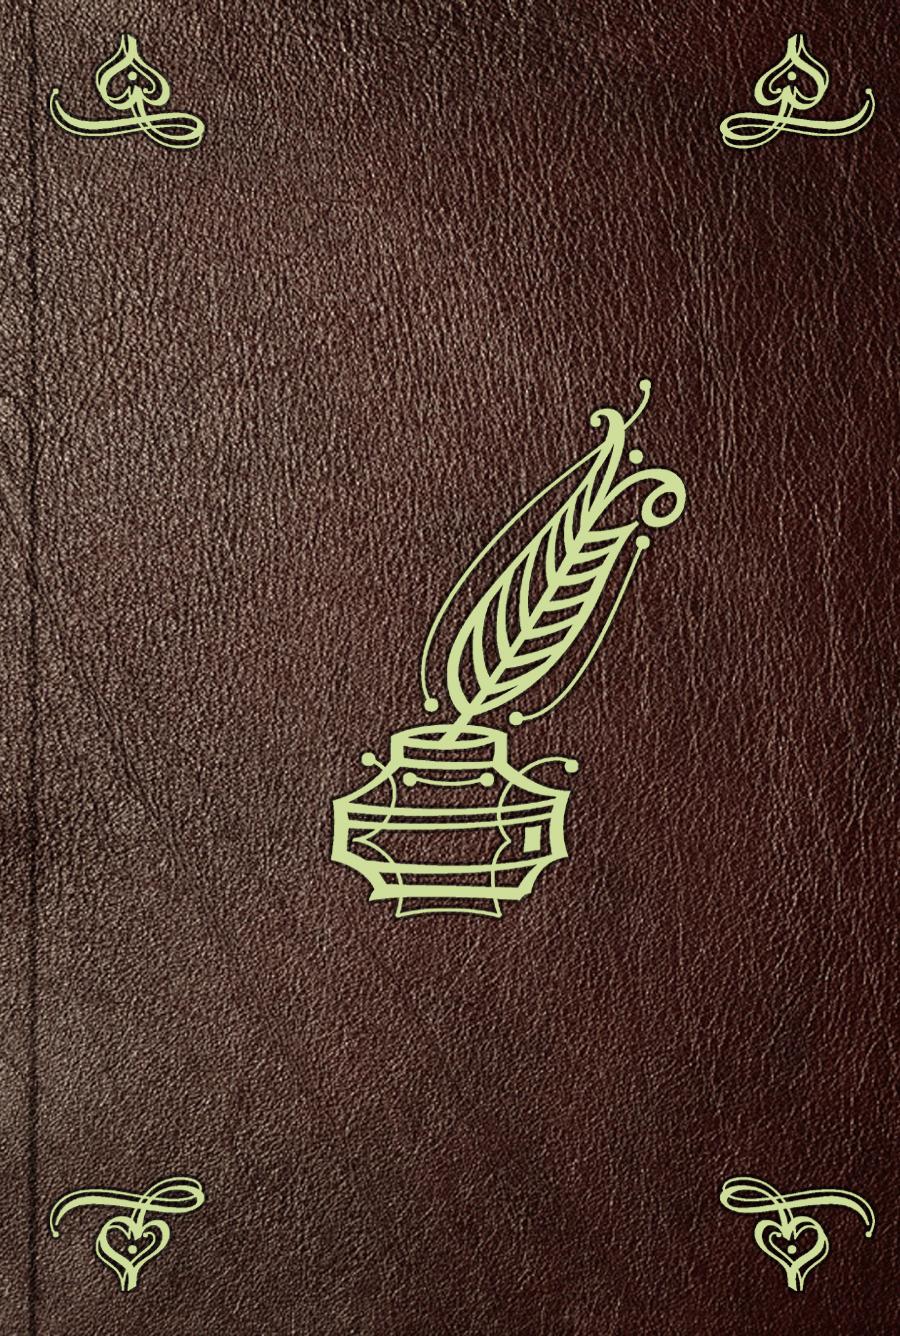 Samosatensis Lucianus Oeuvres. T. 1 ernst ludvig edström la passion du christ poeme provencal d apres un manuscrit inedit de la bibliotheque de tours french edition